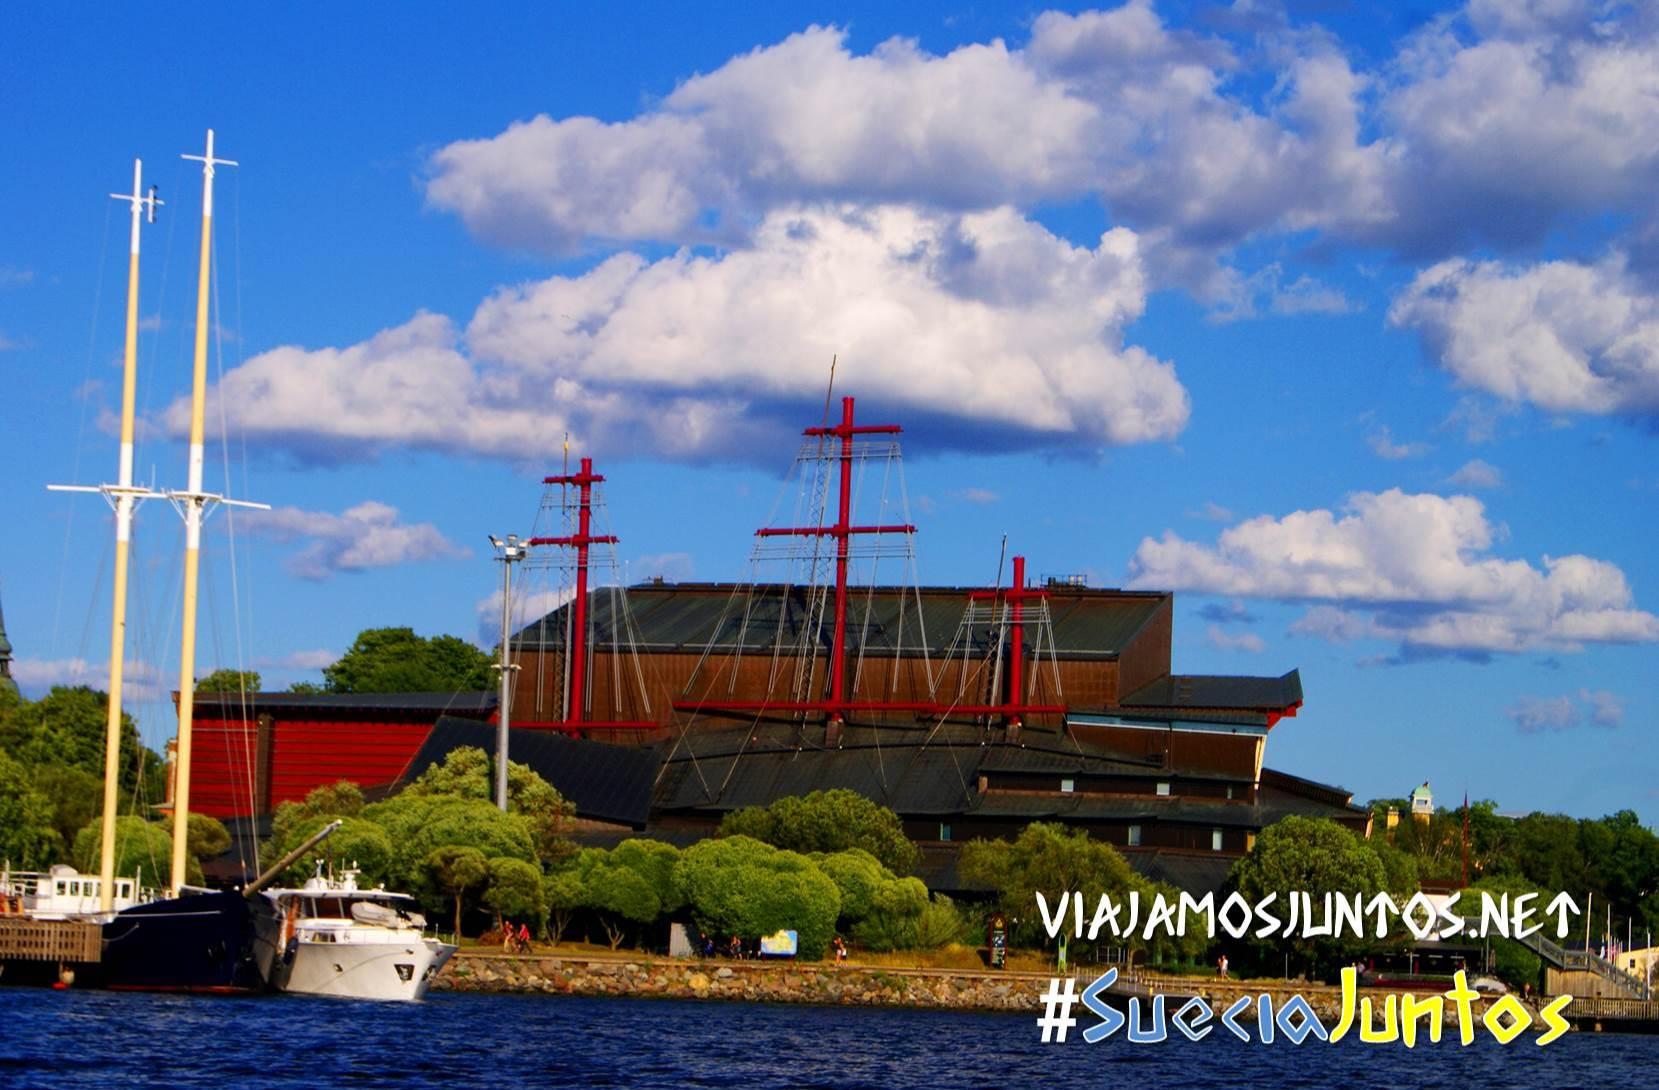 Museo de Vasa desde el canal, con nubes en el cielo, en Estocolmo, Suecia